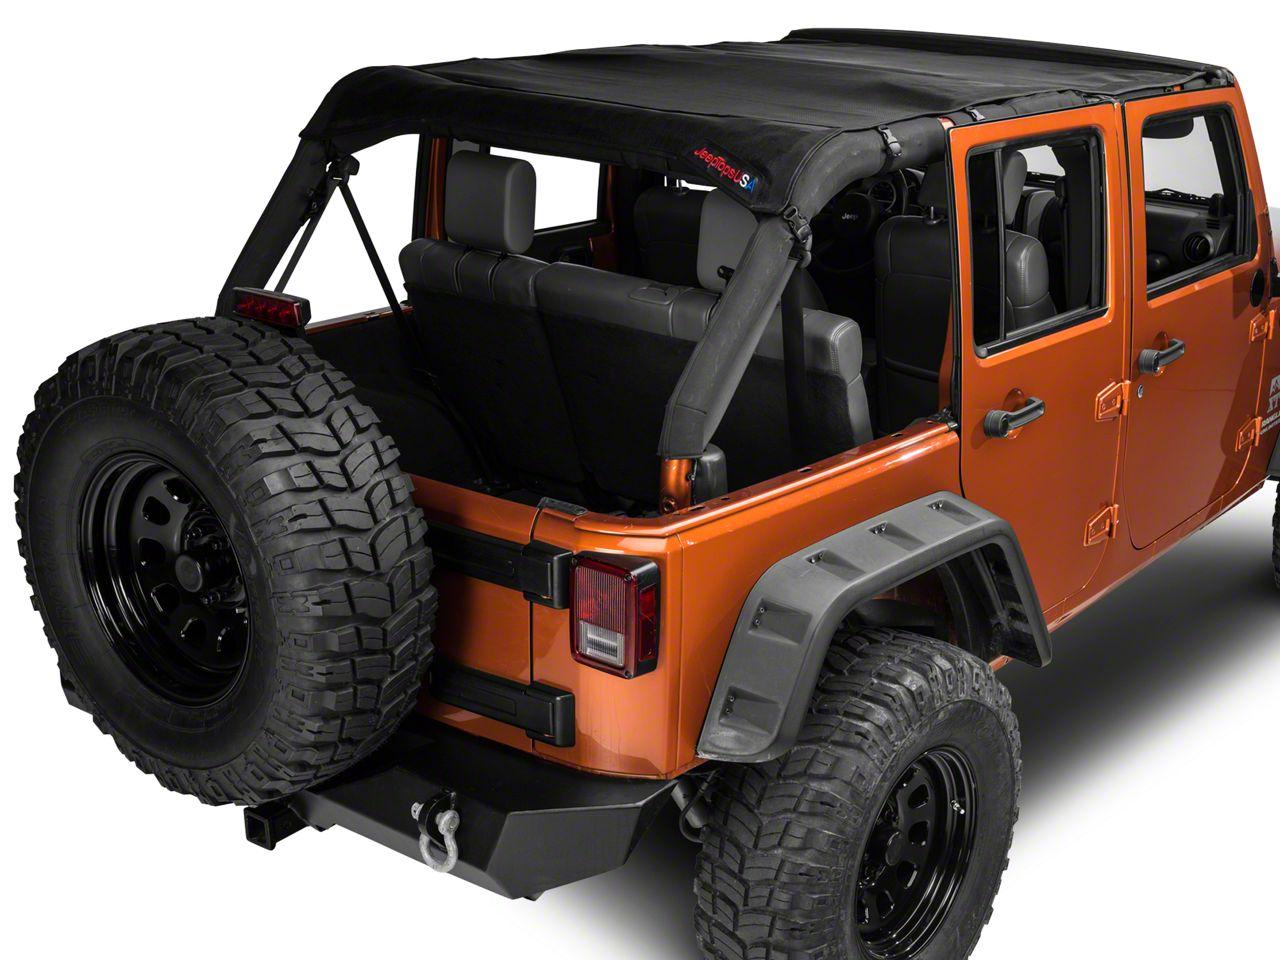 JTopsUSA Mesh Shade Top - Black (07-18 Jeep Wrangler JK 4 Door)